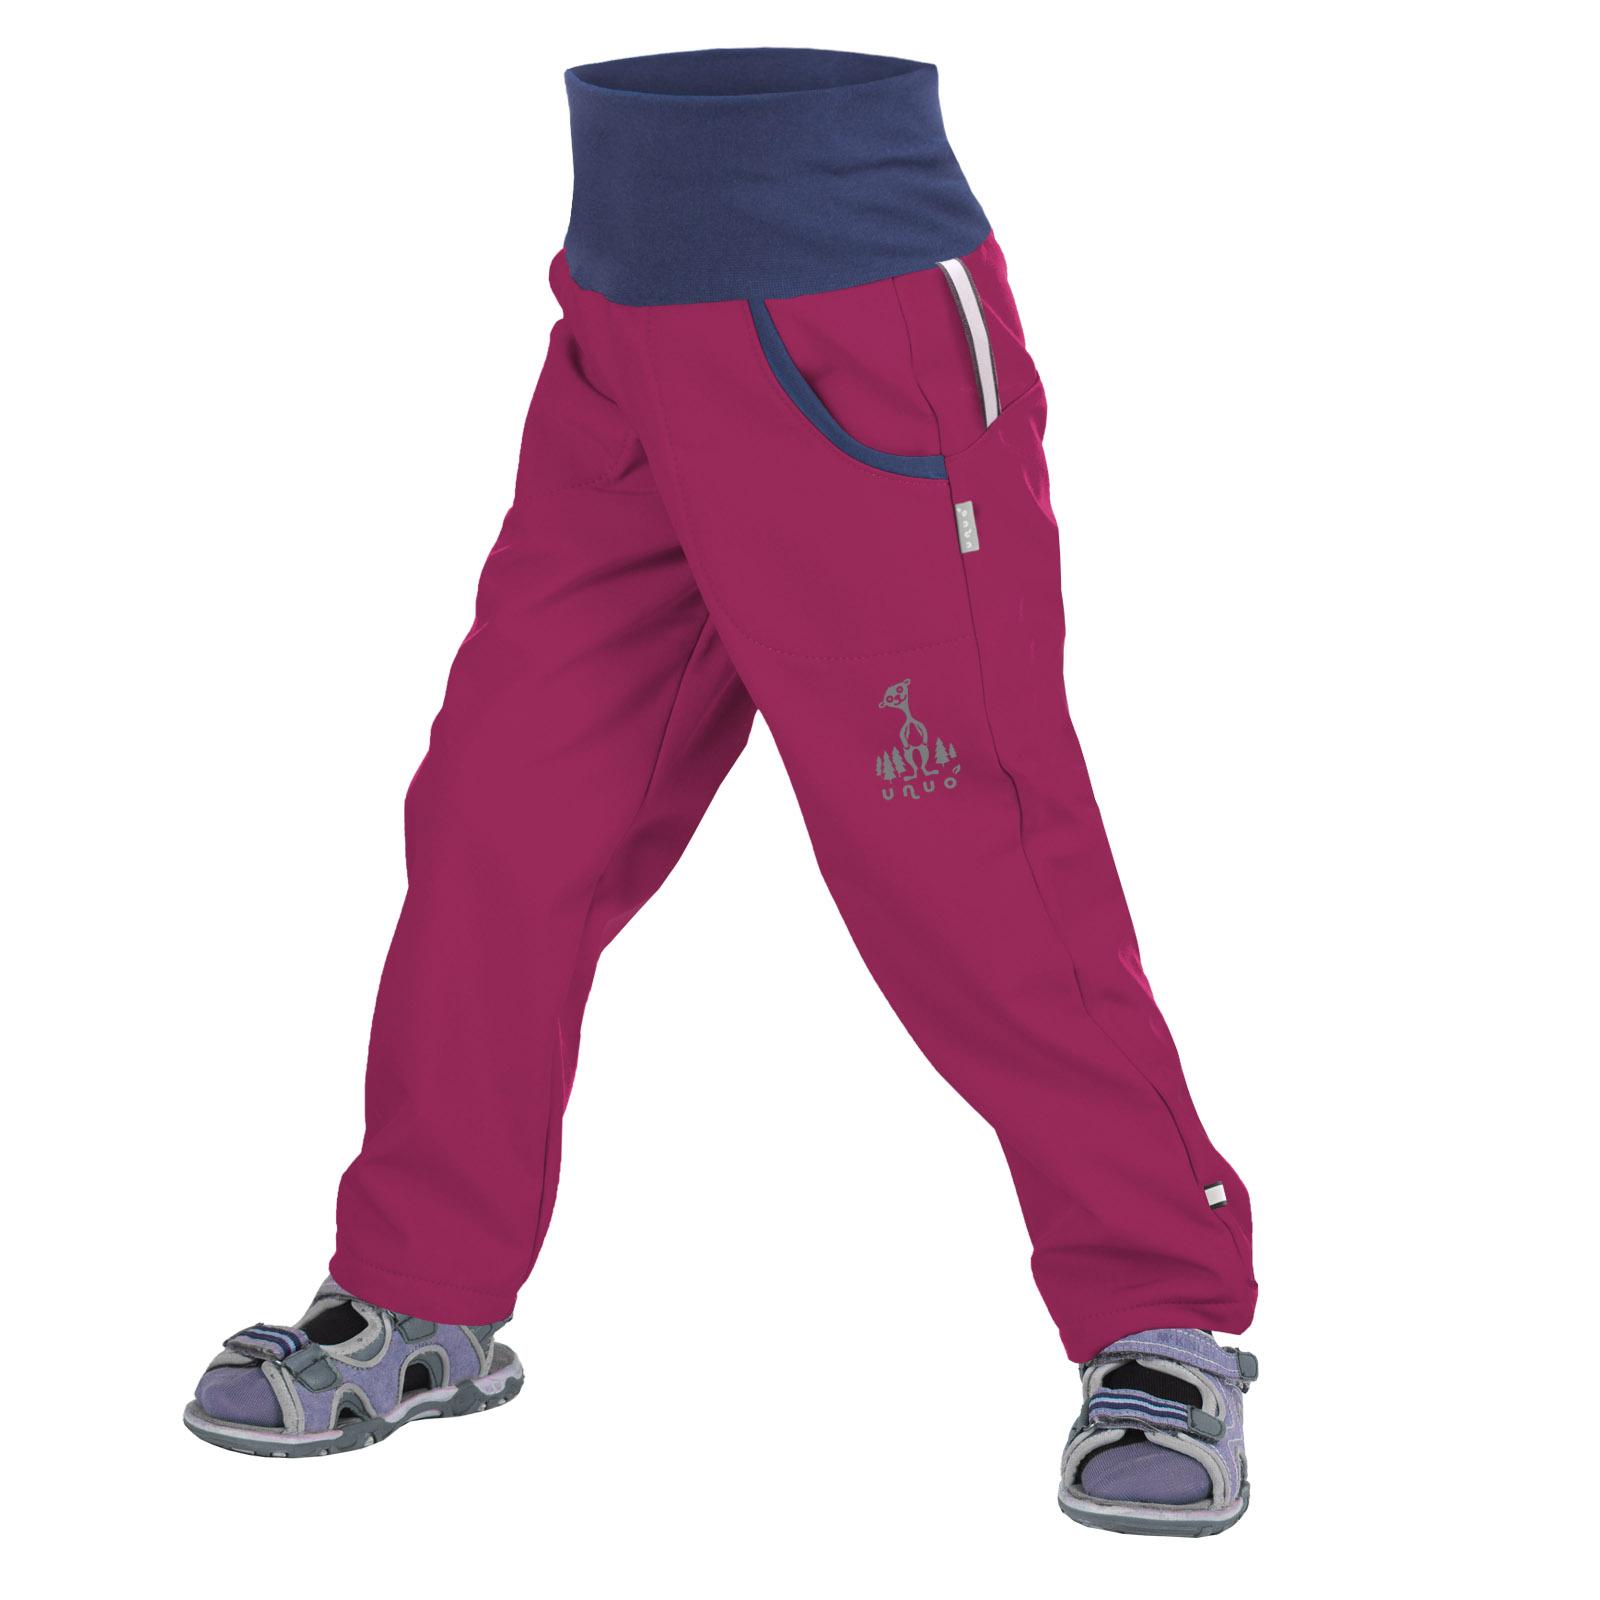 unuo softshellové kalhoty bez zateplení Malinové + reflexní obrázek Evžen (Softshell kids trousers)